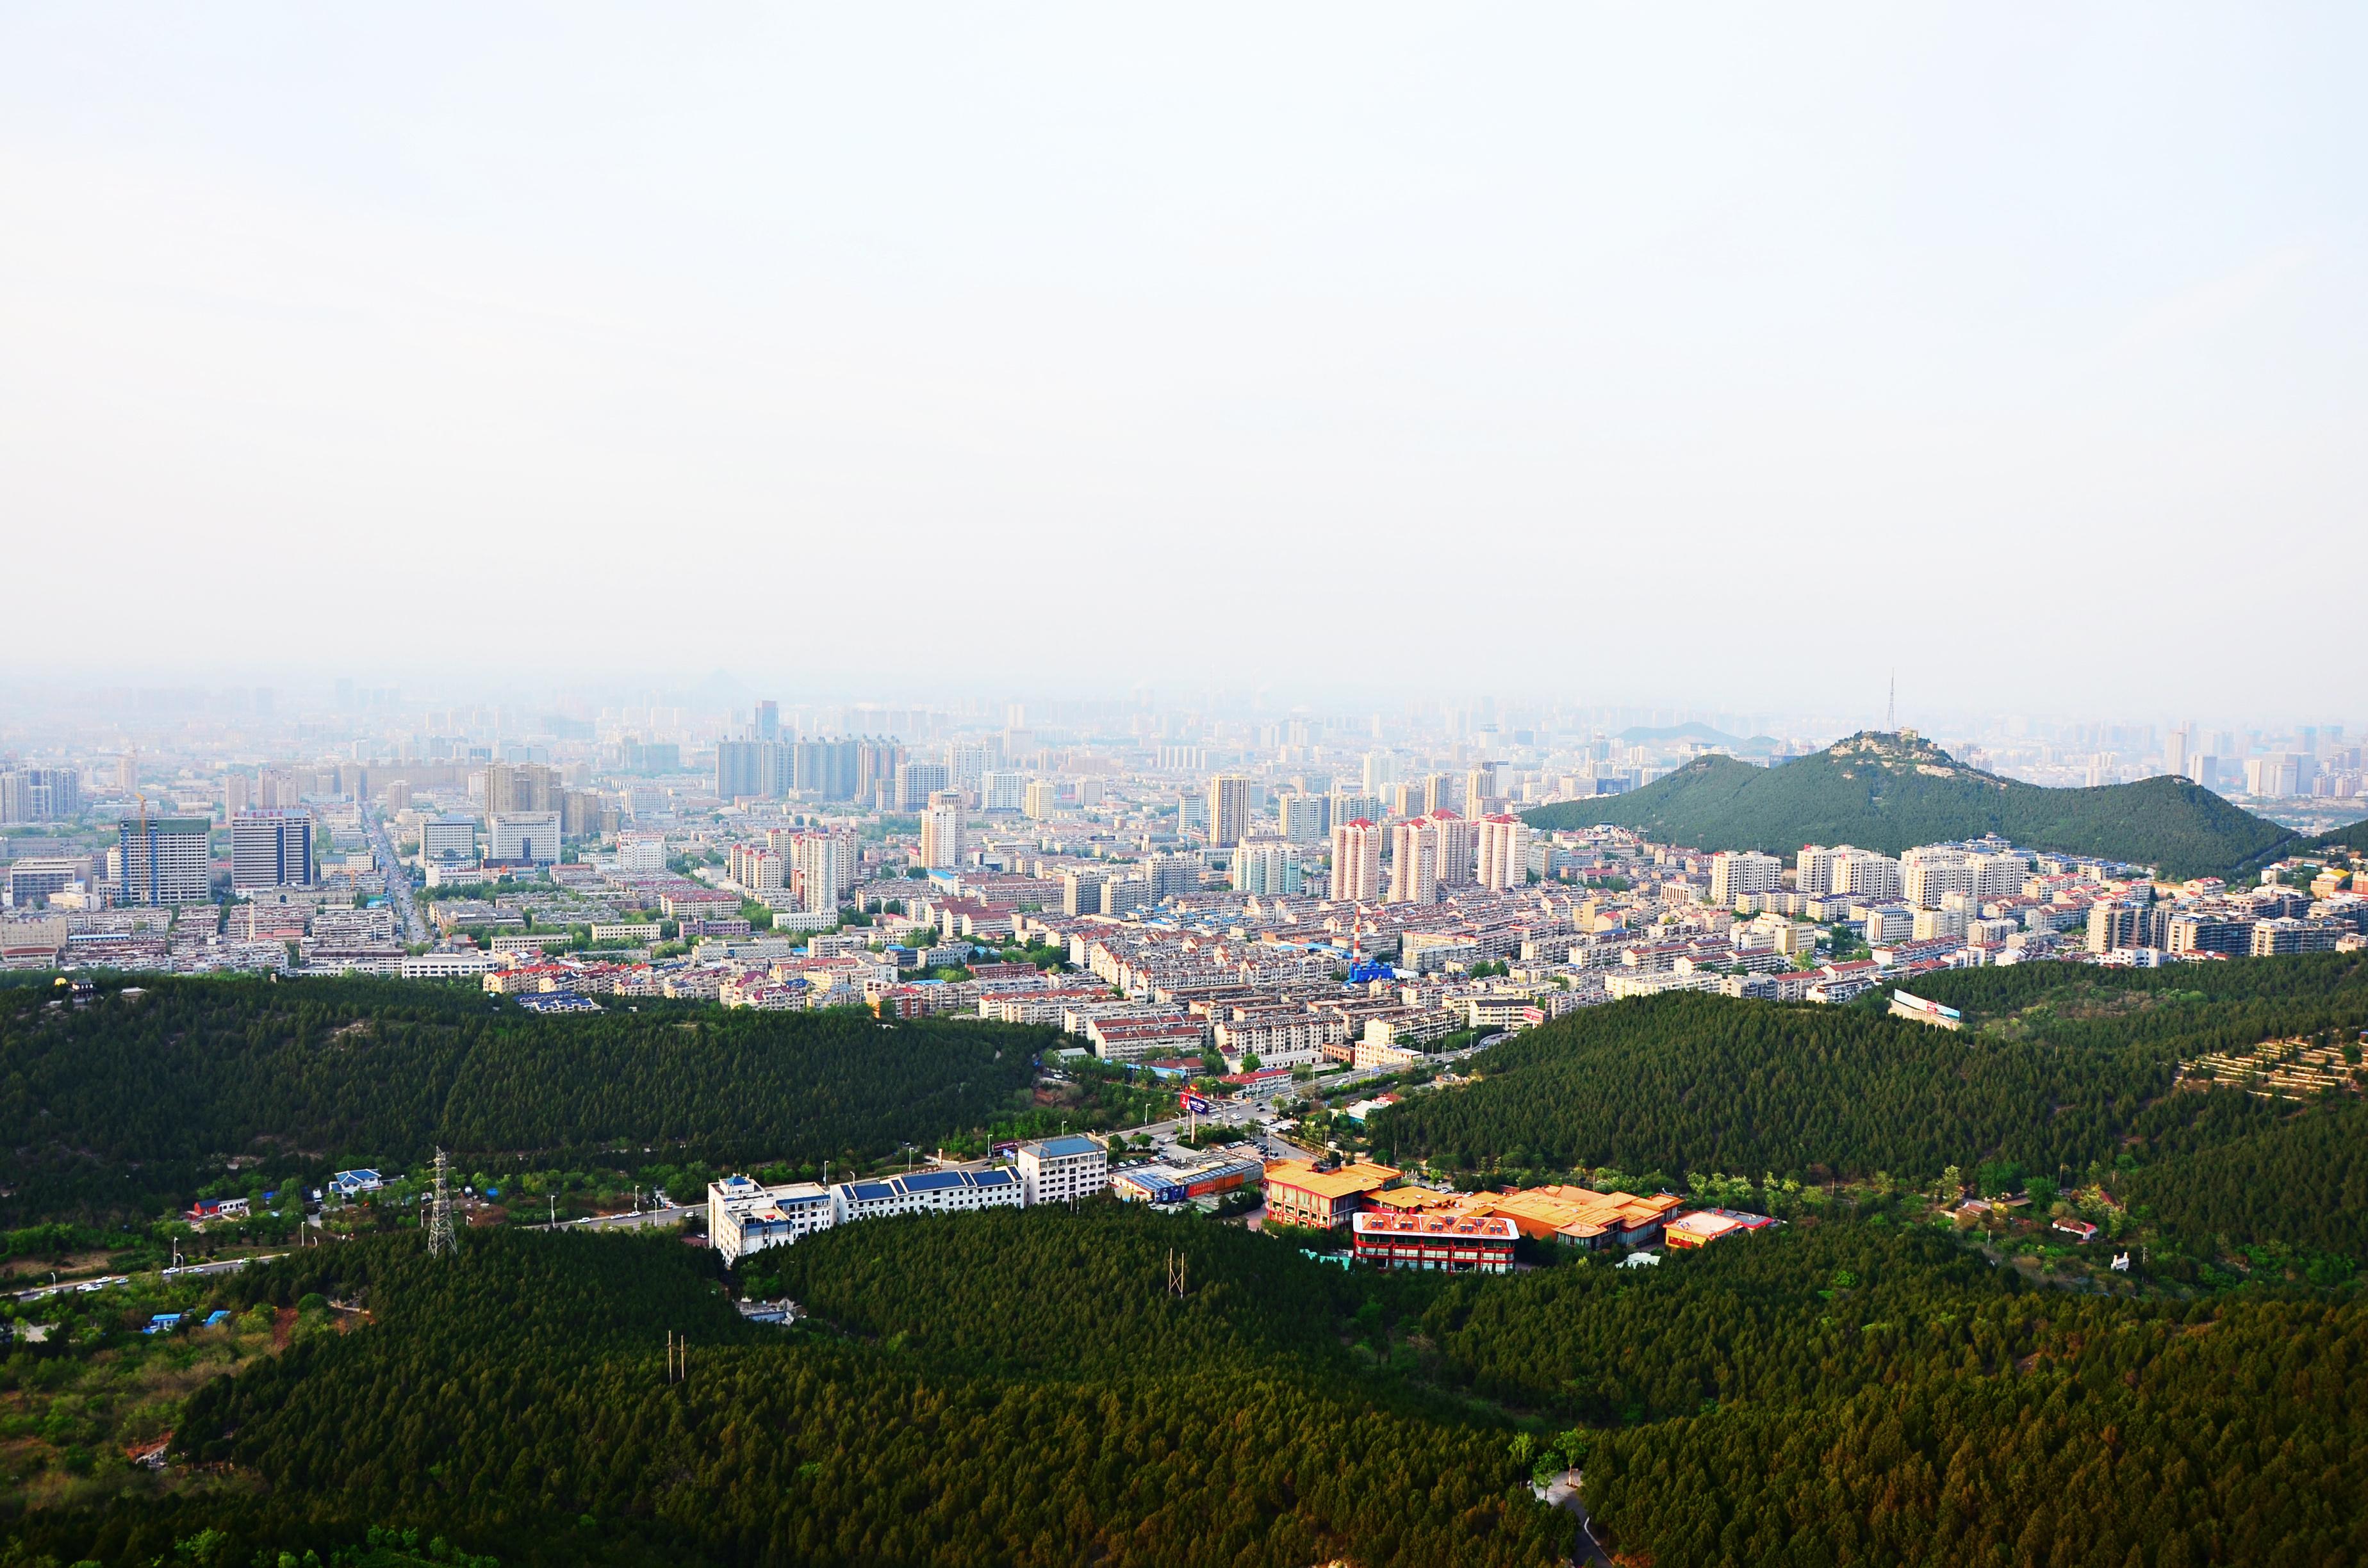 【重磅】济南计划完成城区新增清洁取暖面积563.28万平